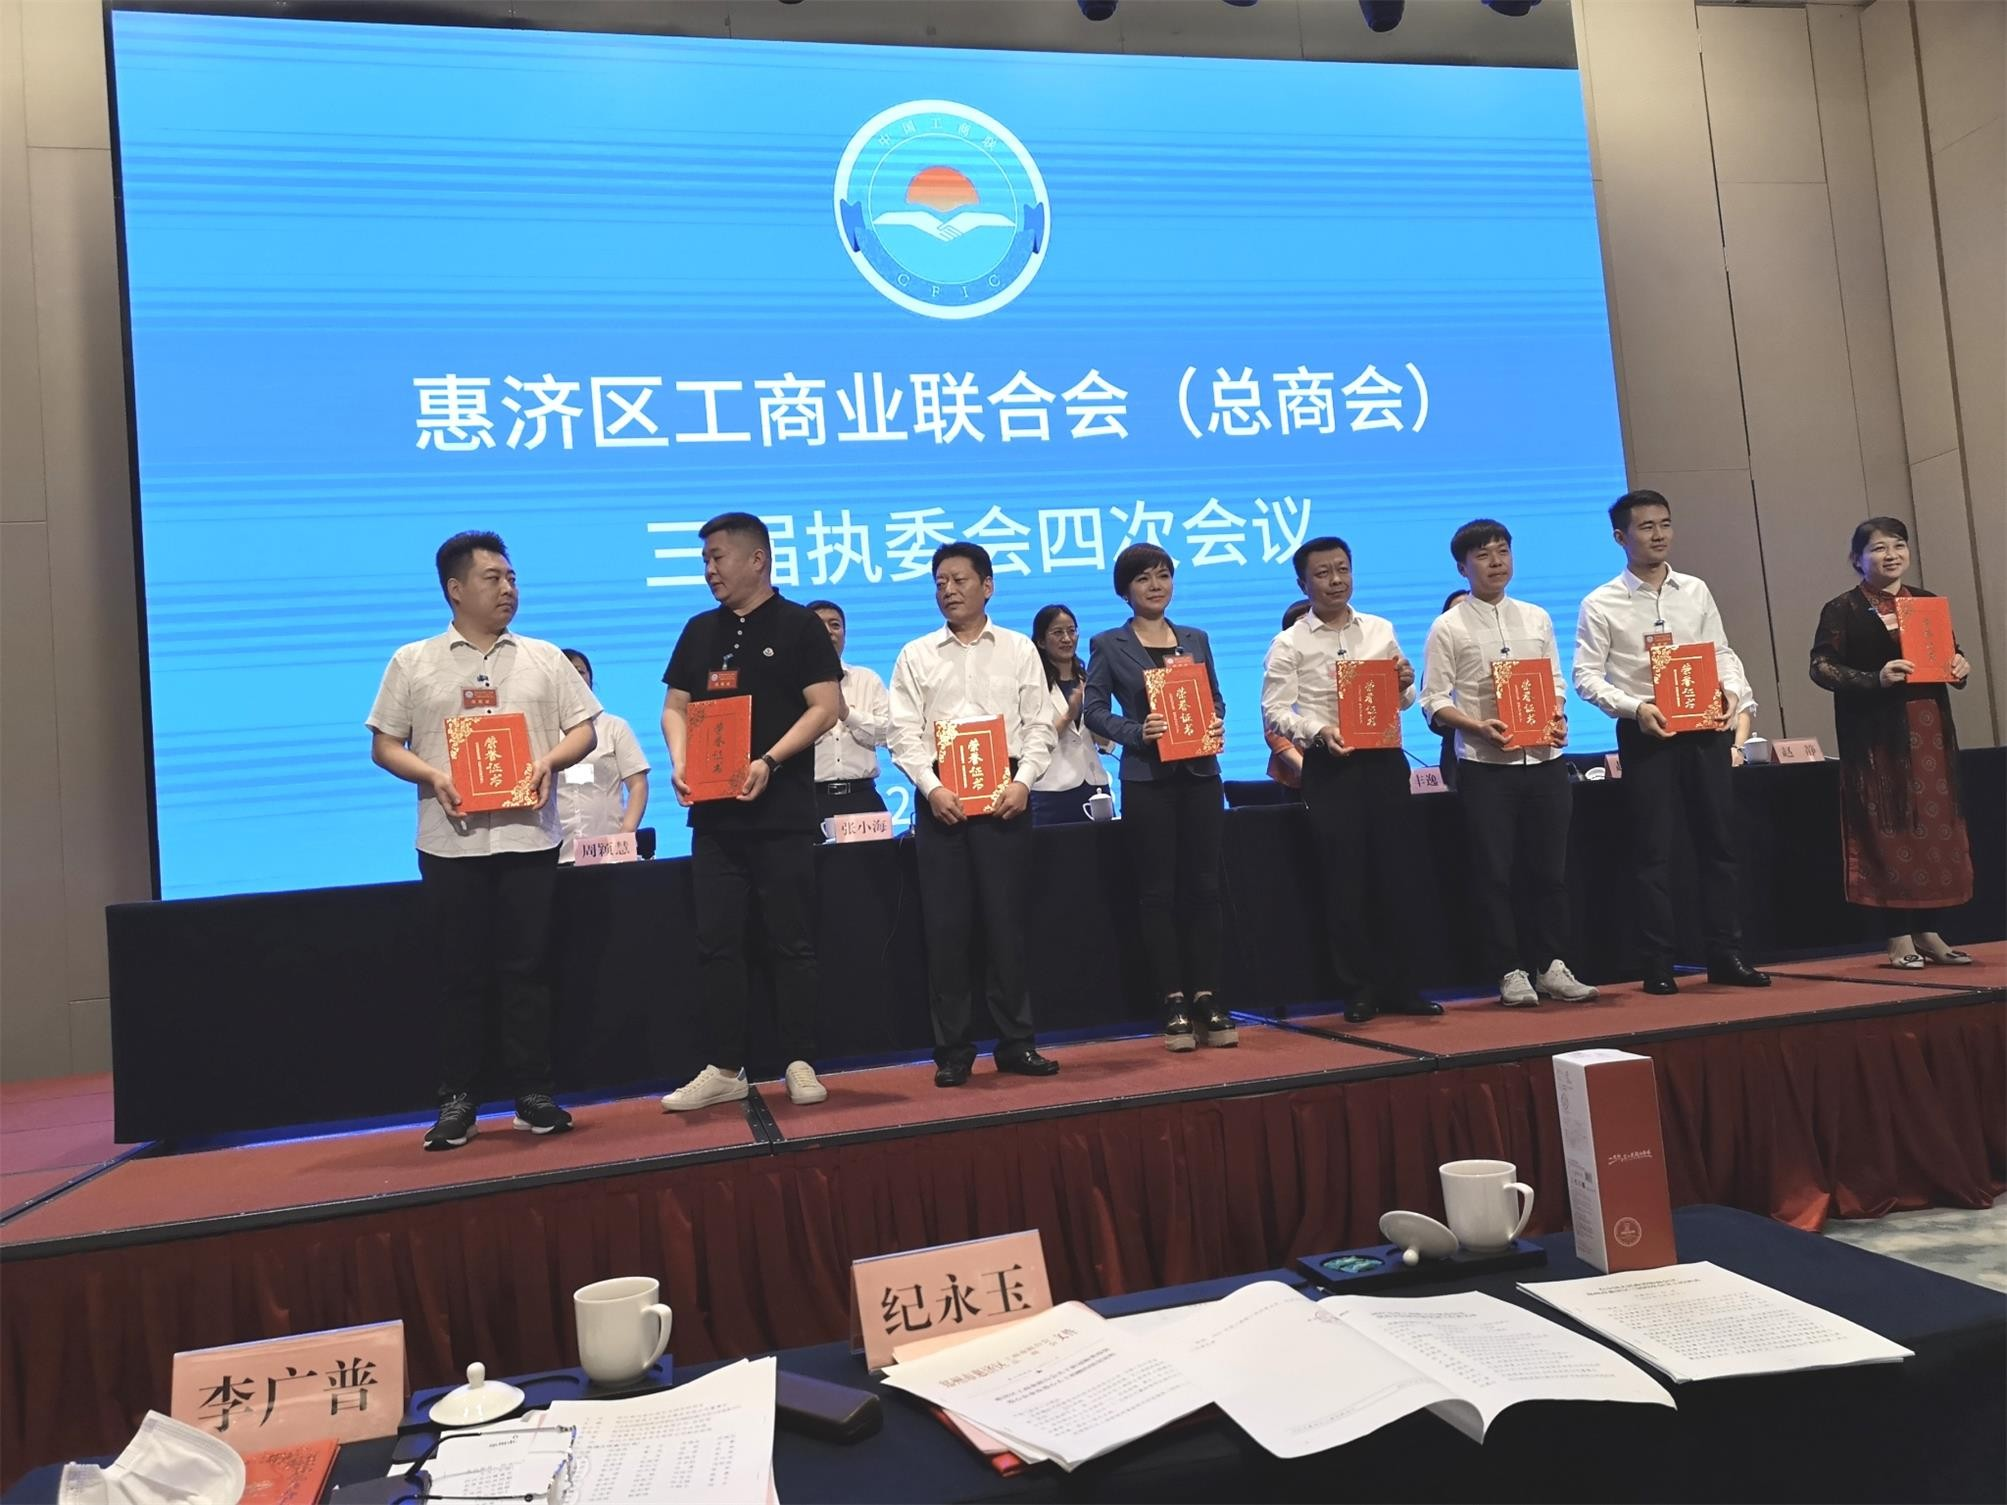 惠济区工商业联合会(总商会)三届执委会成功召开   哈尔优发娱乐电脑版被评优秀会员